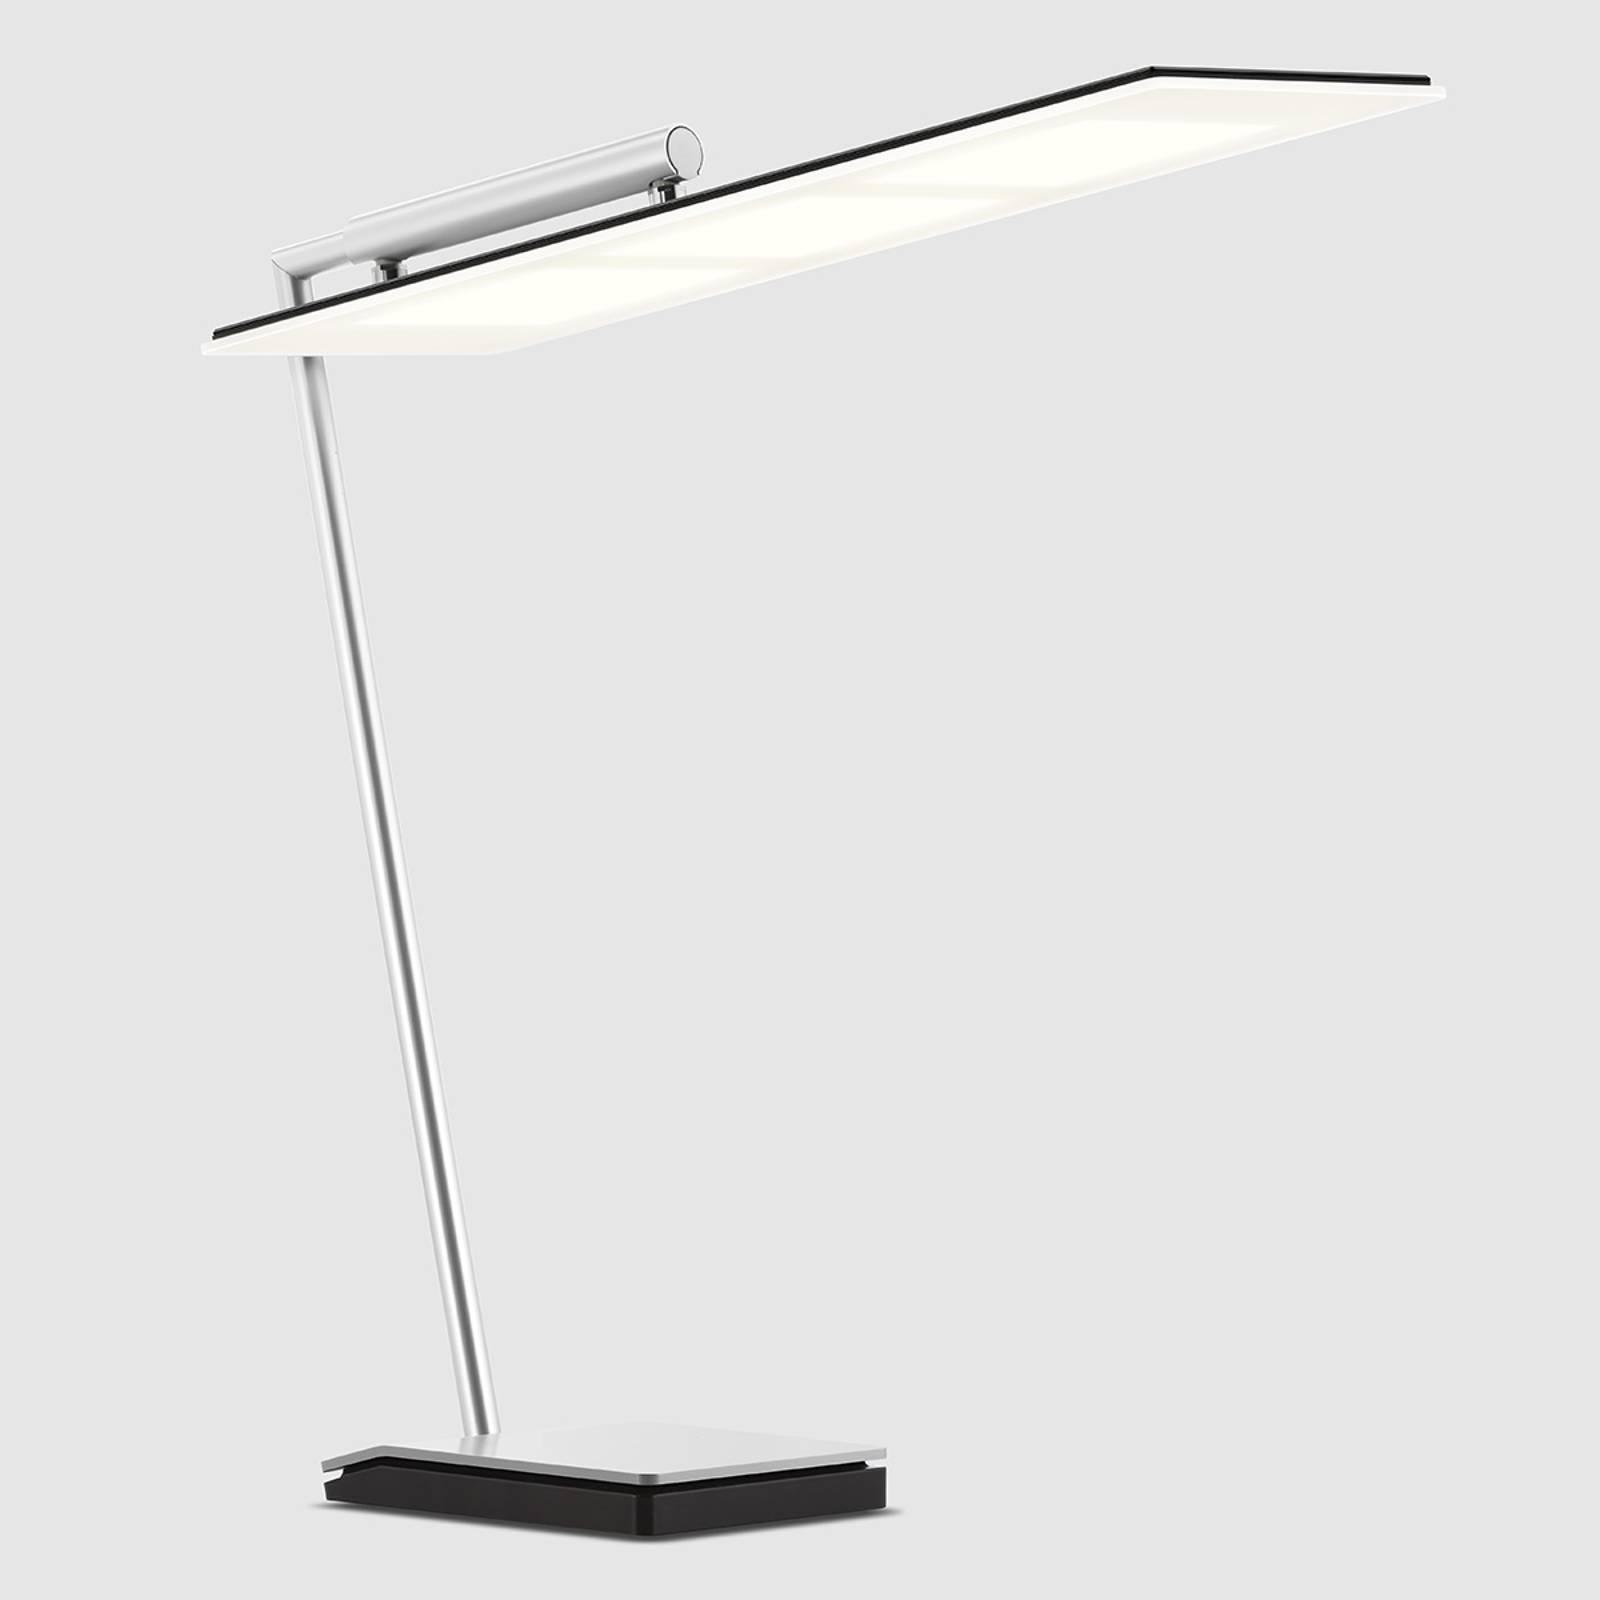 Schwarze OLED-Schreibtischleuchte OMLED One d3